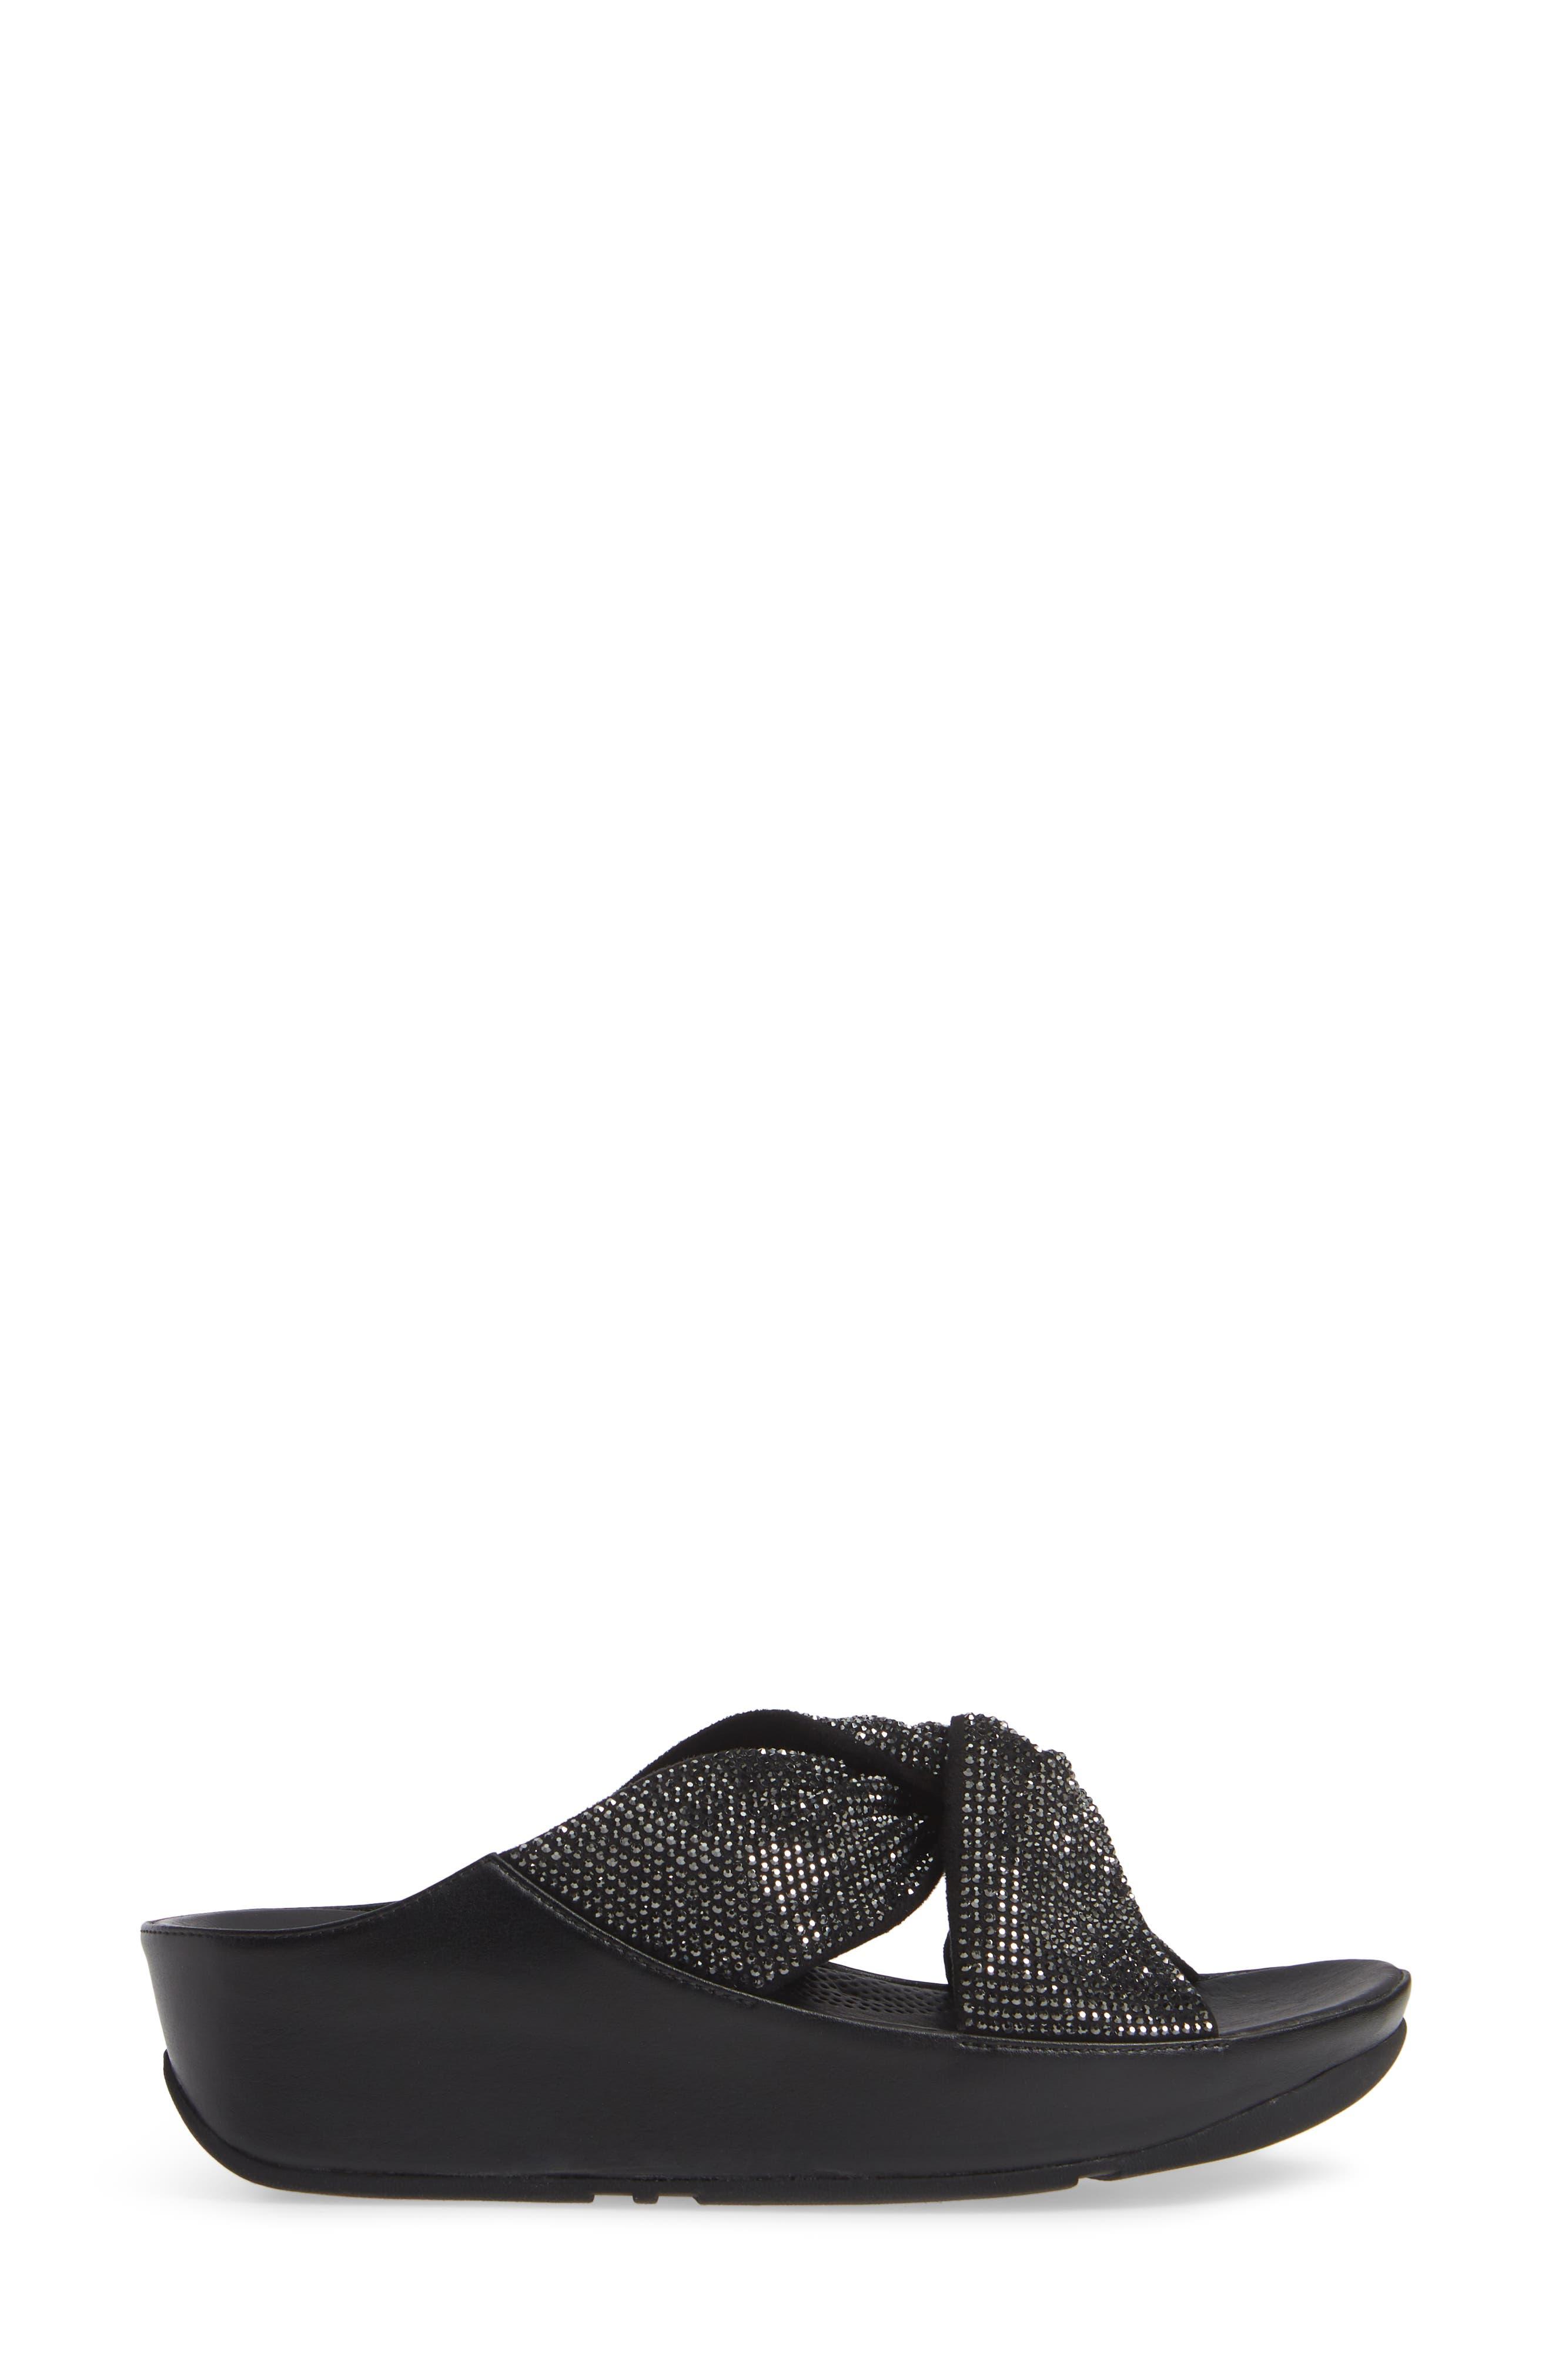 FITFLOP, Twiss Crystal Embellished Slide Sandal, Alternate thumbnail 3, color, BLACK FABRIC